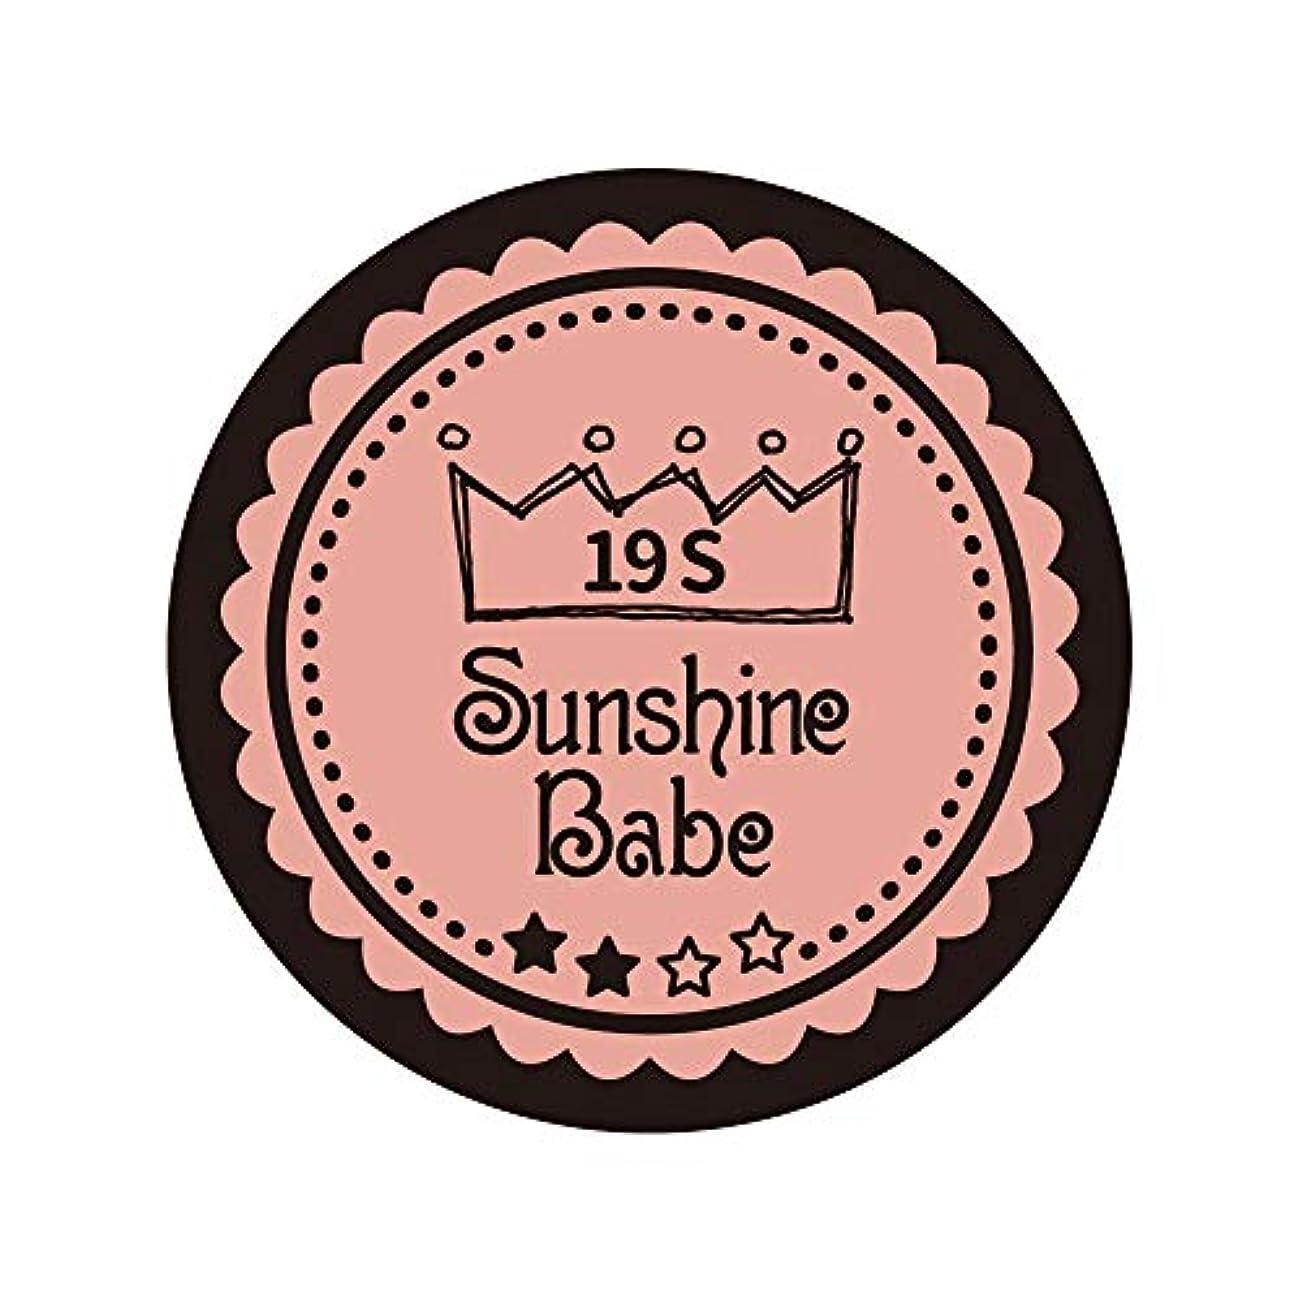 ライバルエキス分岐するSunshine Babe カラージェル 19S ローズカシュ 2.7g UV/LED対応